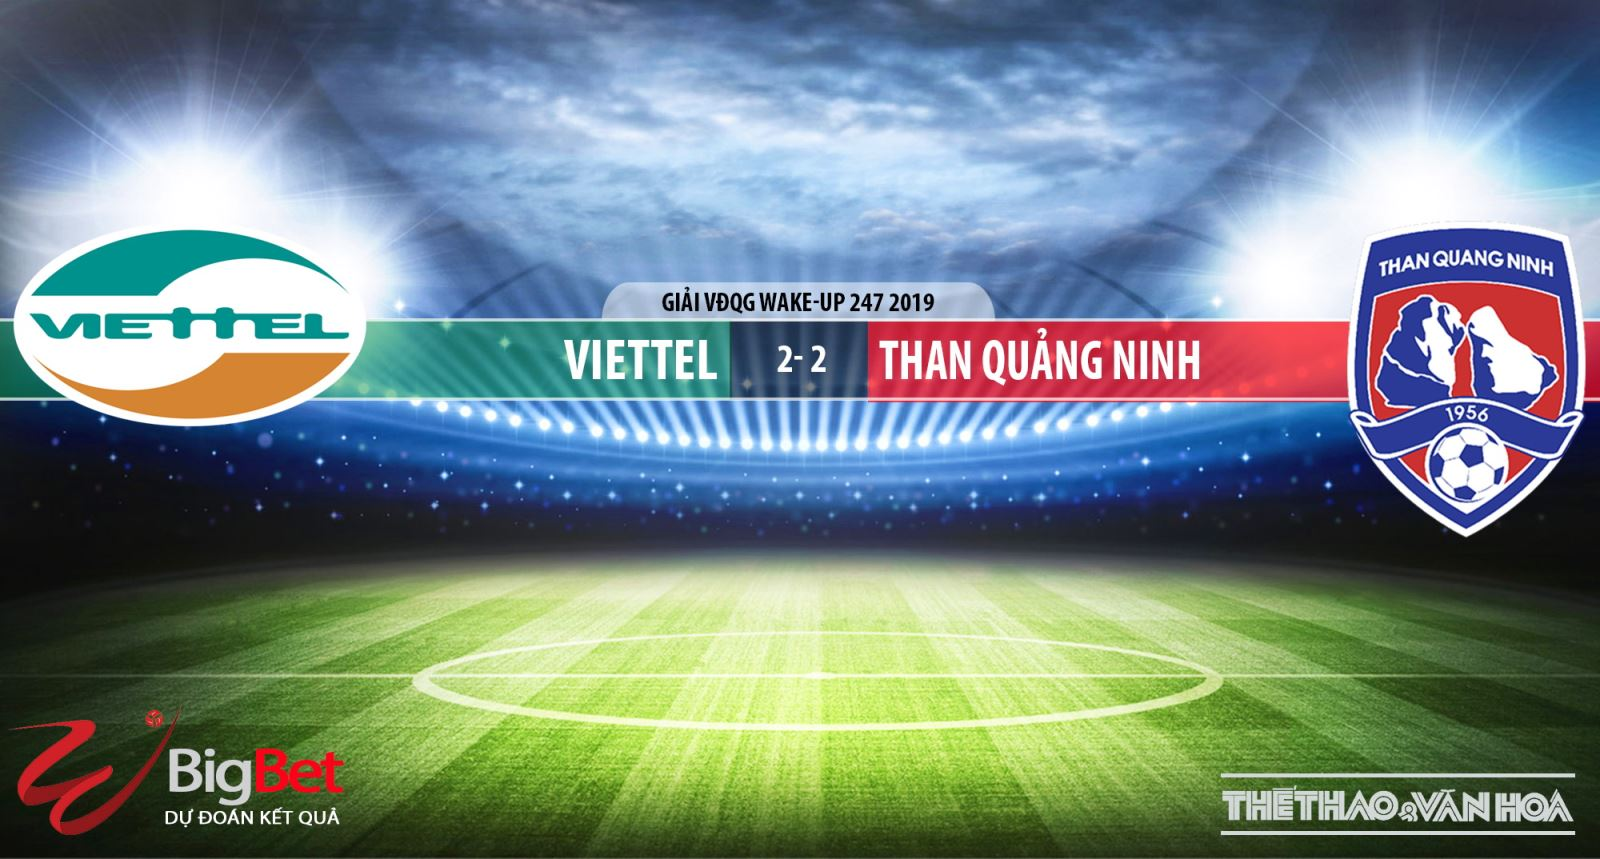 viettel vs than quảng ninh, Viettel, Than Quảng Ninh, trực tiếp Viettel vs Than Quảng Ninh, trực tiếp bóng đá, V-League 2019, VTV6, BĐTV, TTTV, FPT Play, HTV Thể thao